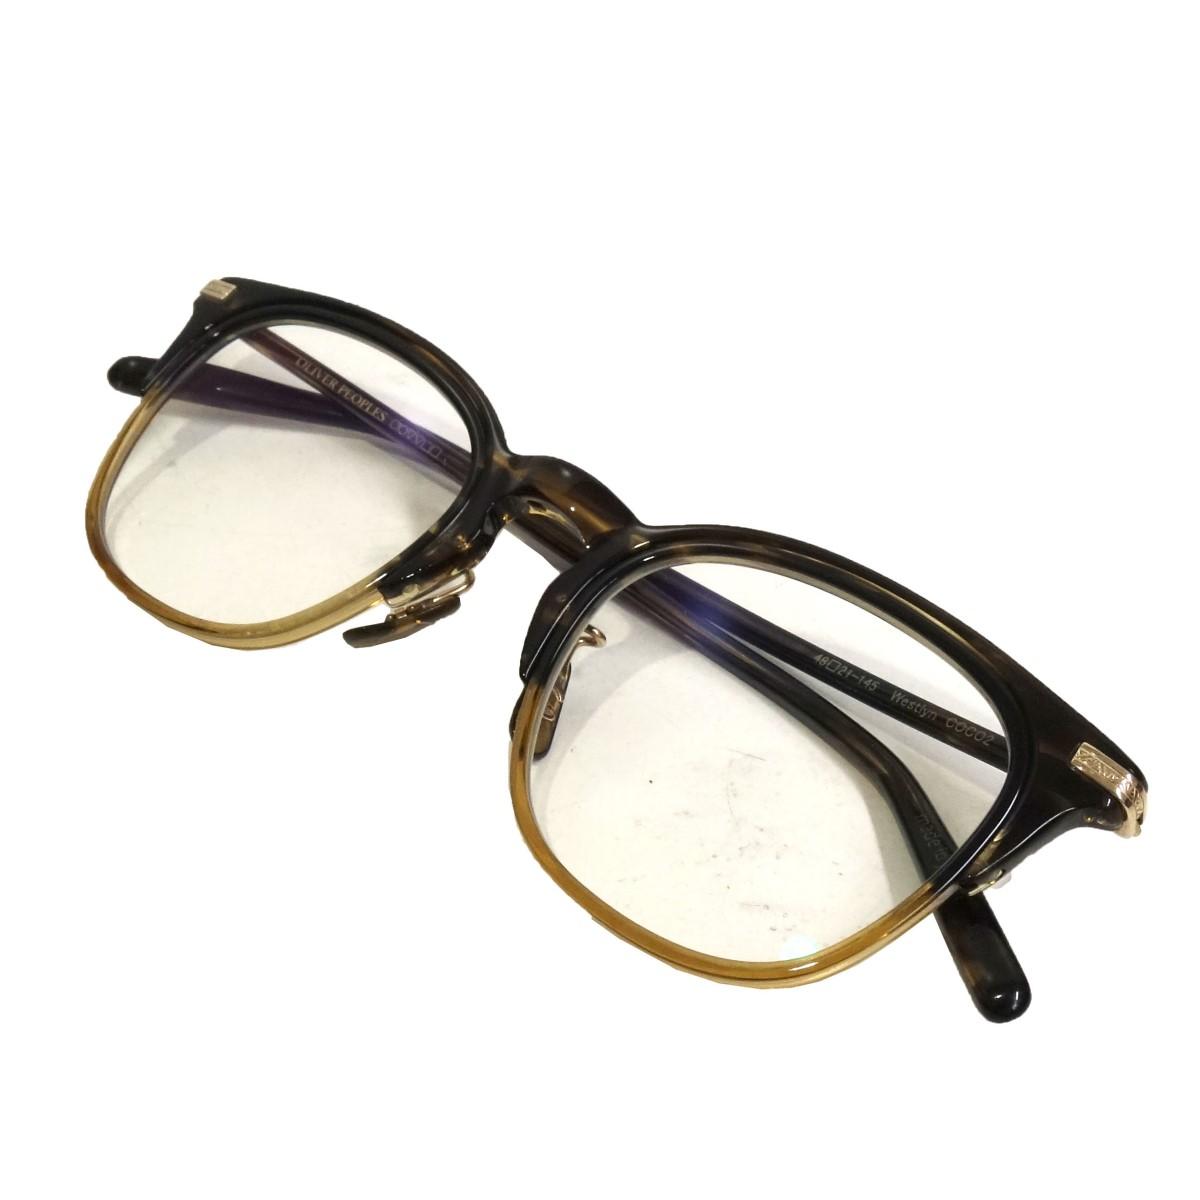 【中古】OLIVER PEOPLES 「Westlyn COCO2」眼鏡 クリア×ダークブラウン サイズ:- 【180820】(オリバーピープルズ)